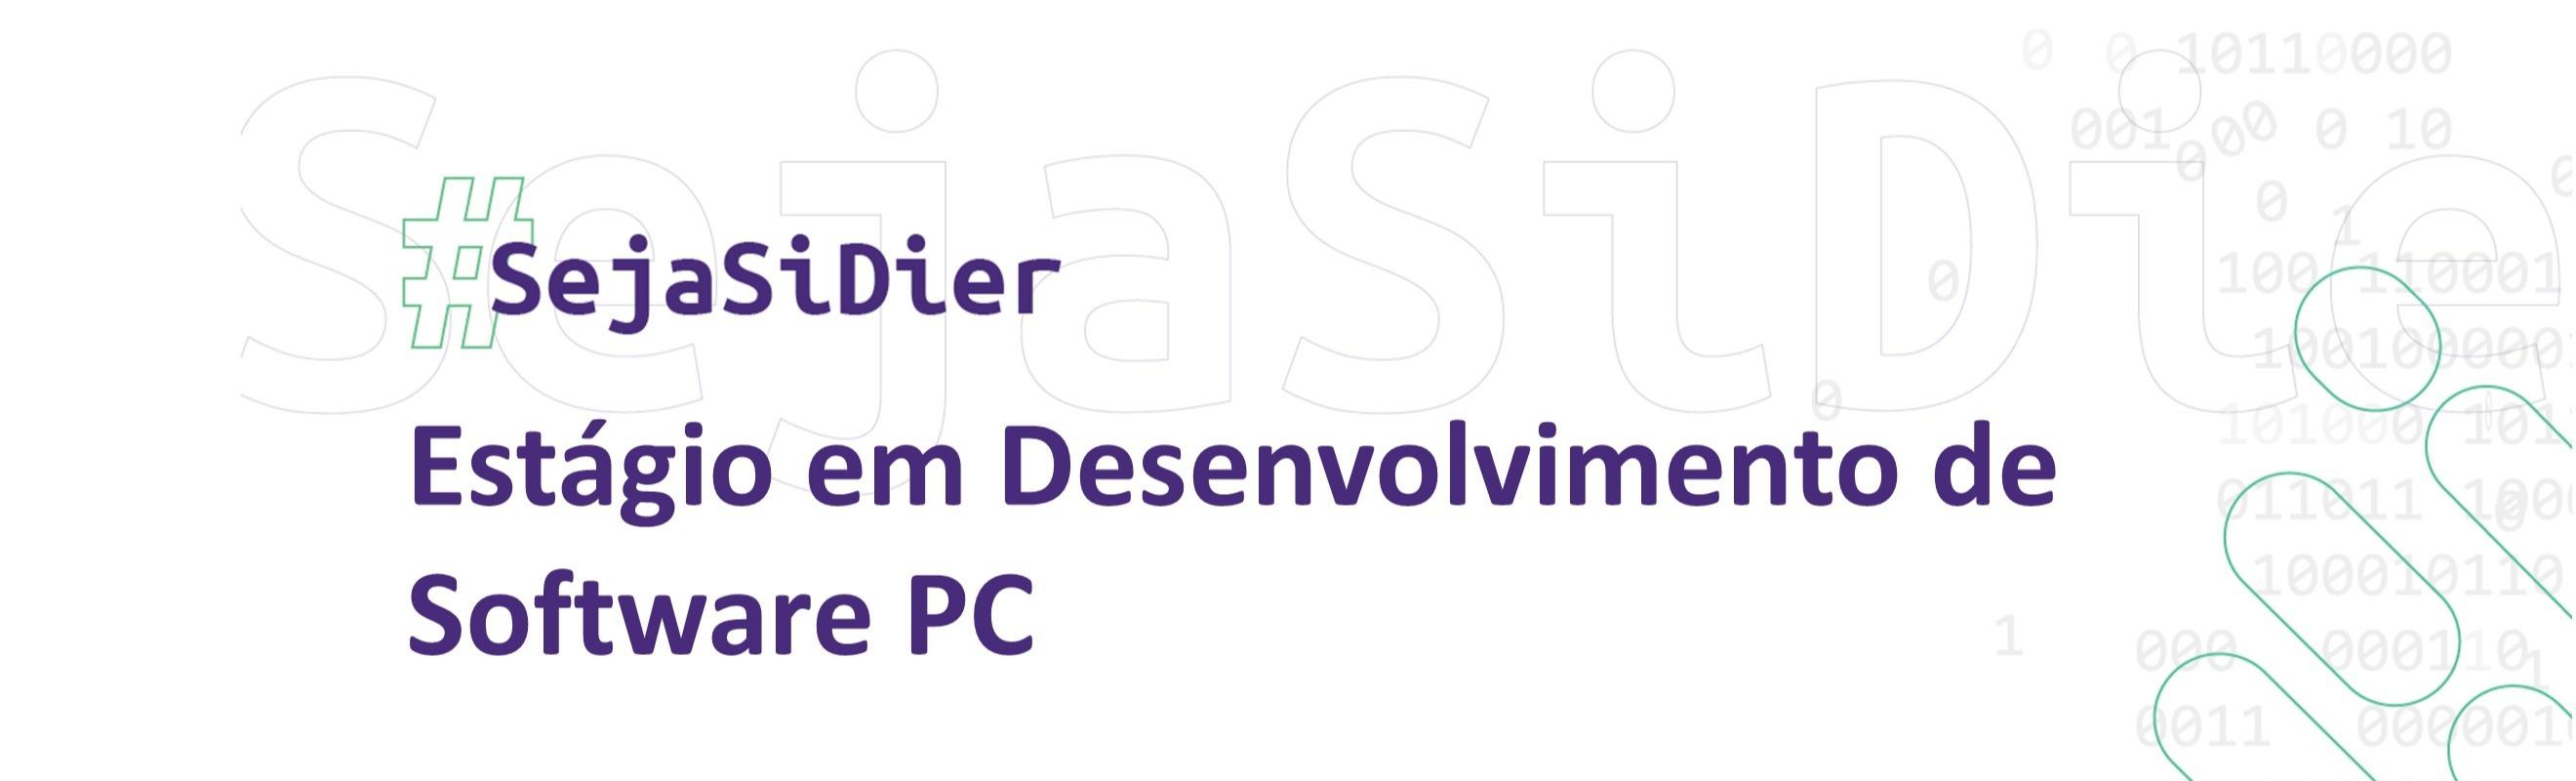 Estágio em Desenvolvimento  de Software PC